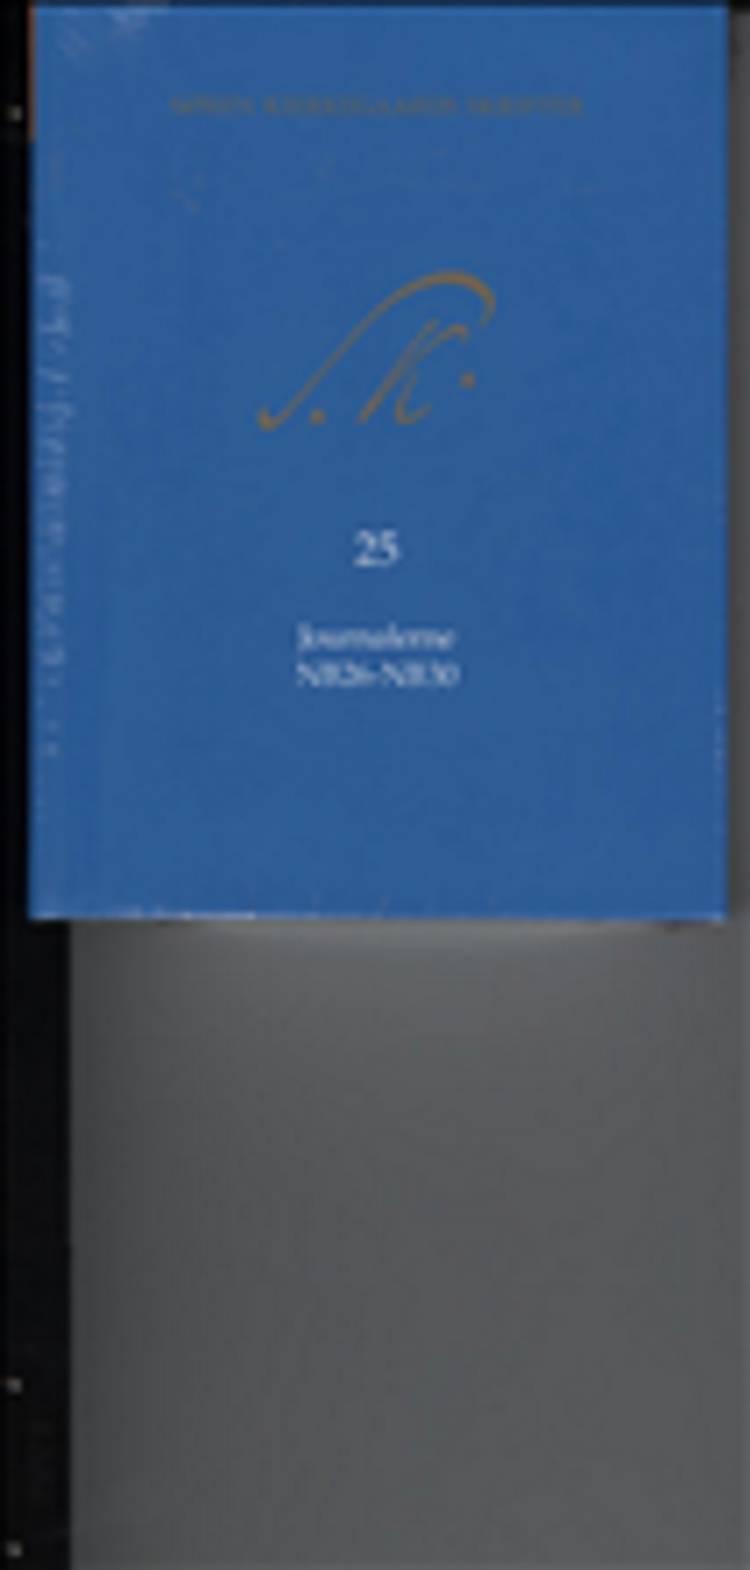 Søren Kierkegaards Skrifter - Bind 25 og K25